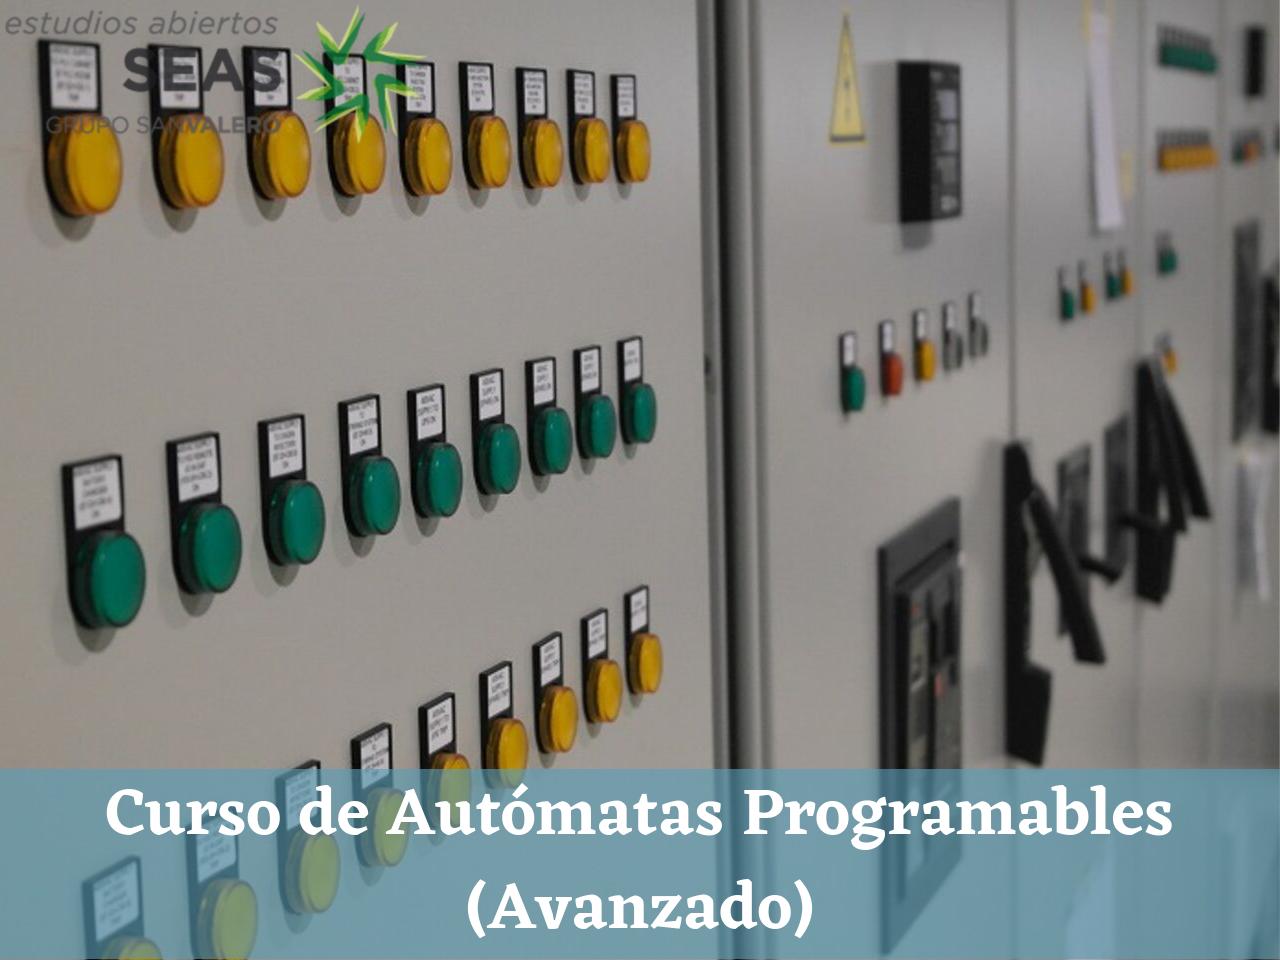 Curso de Autómatas Programables (avanzado)